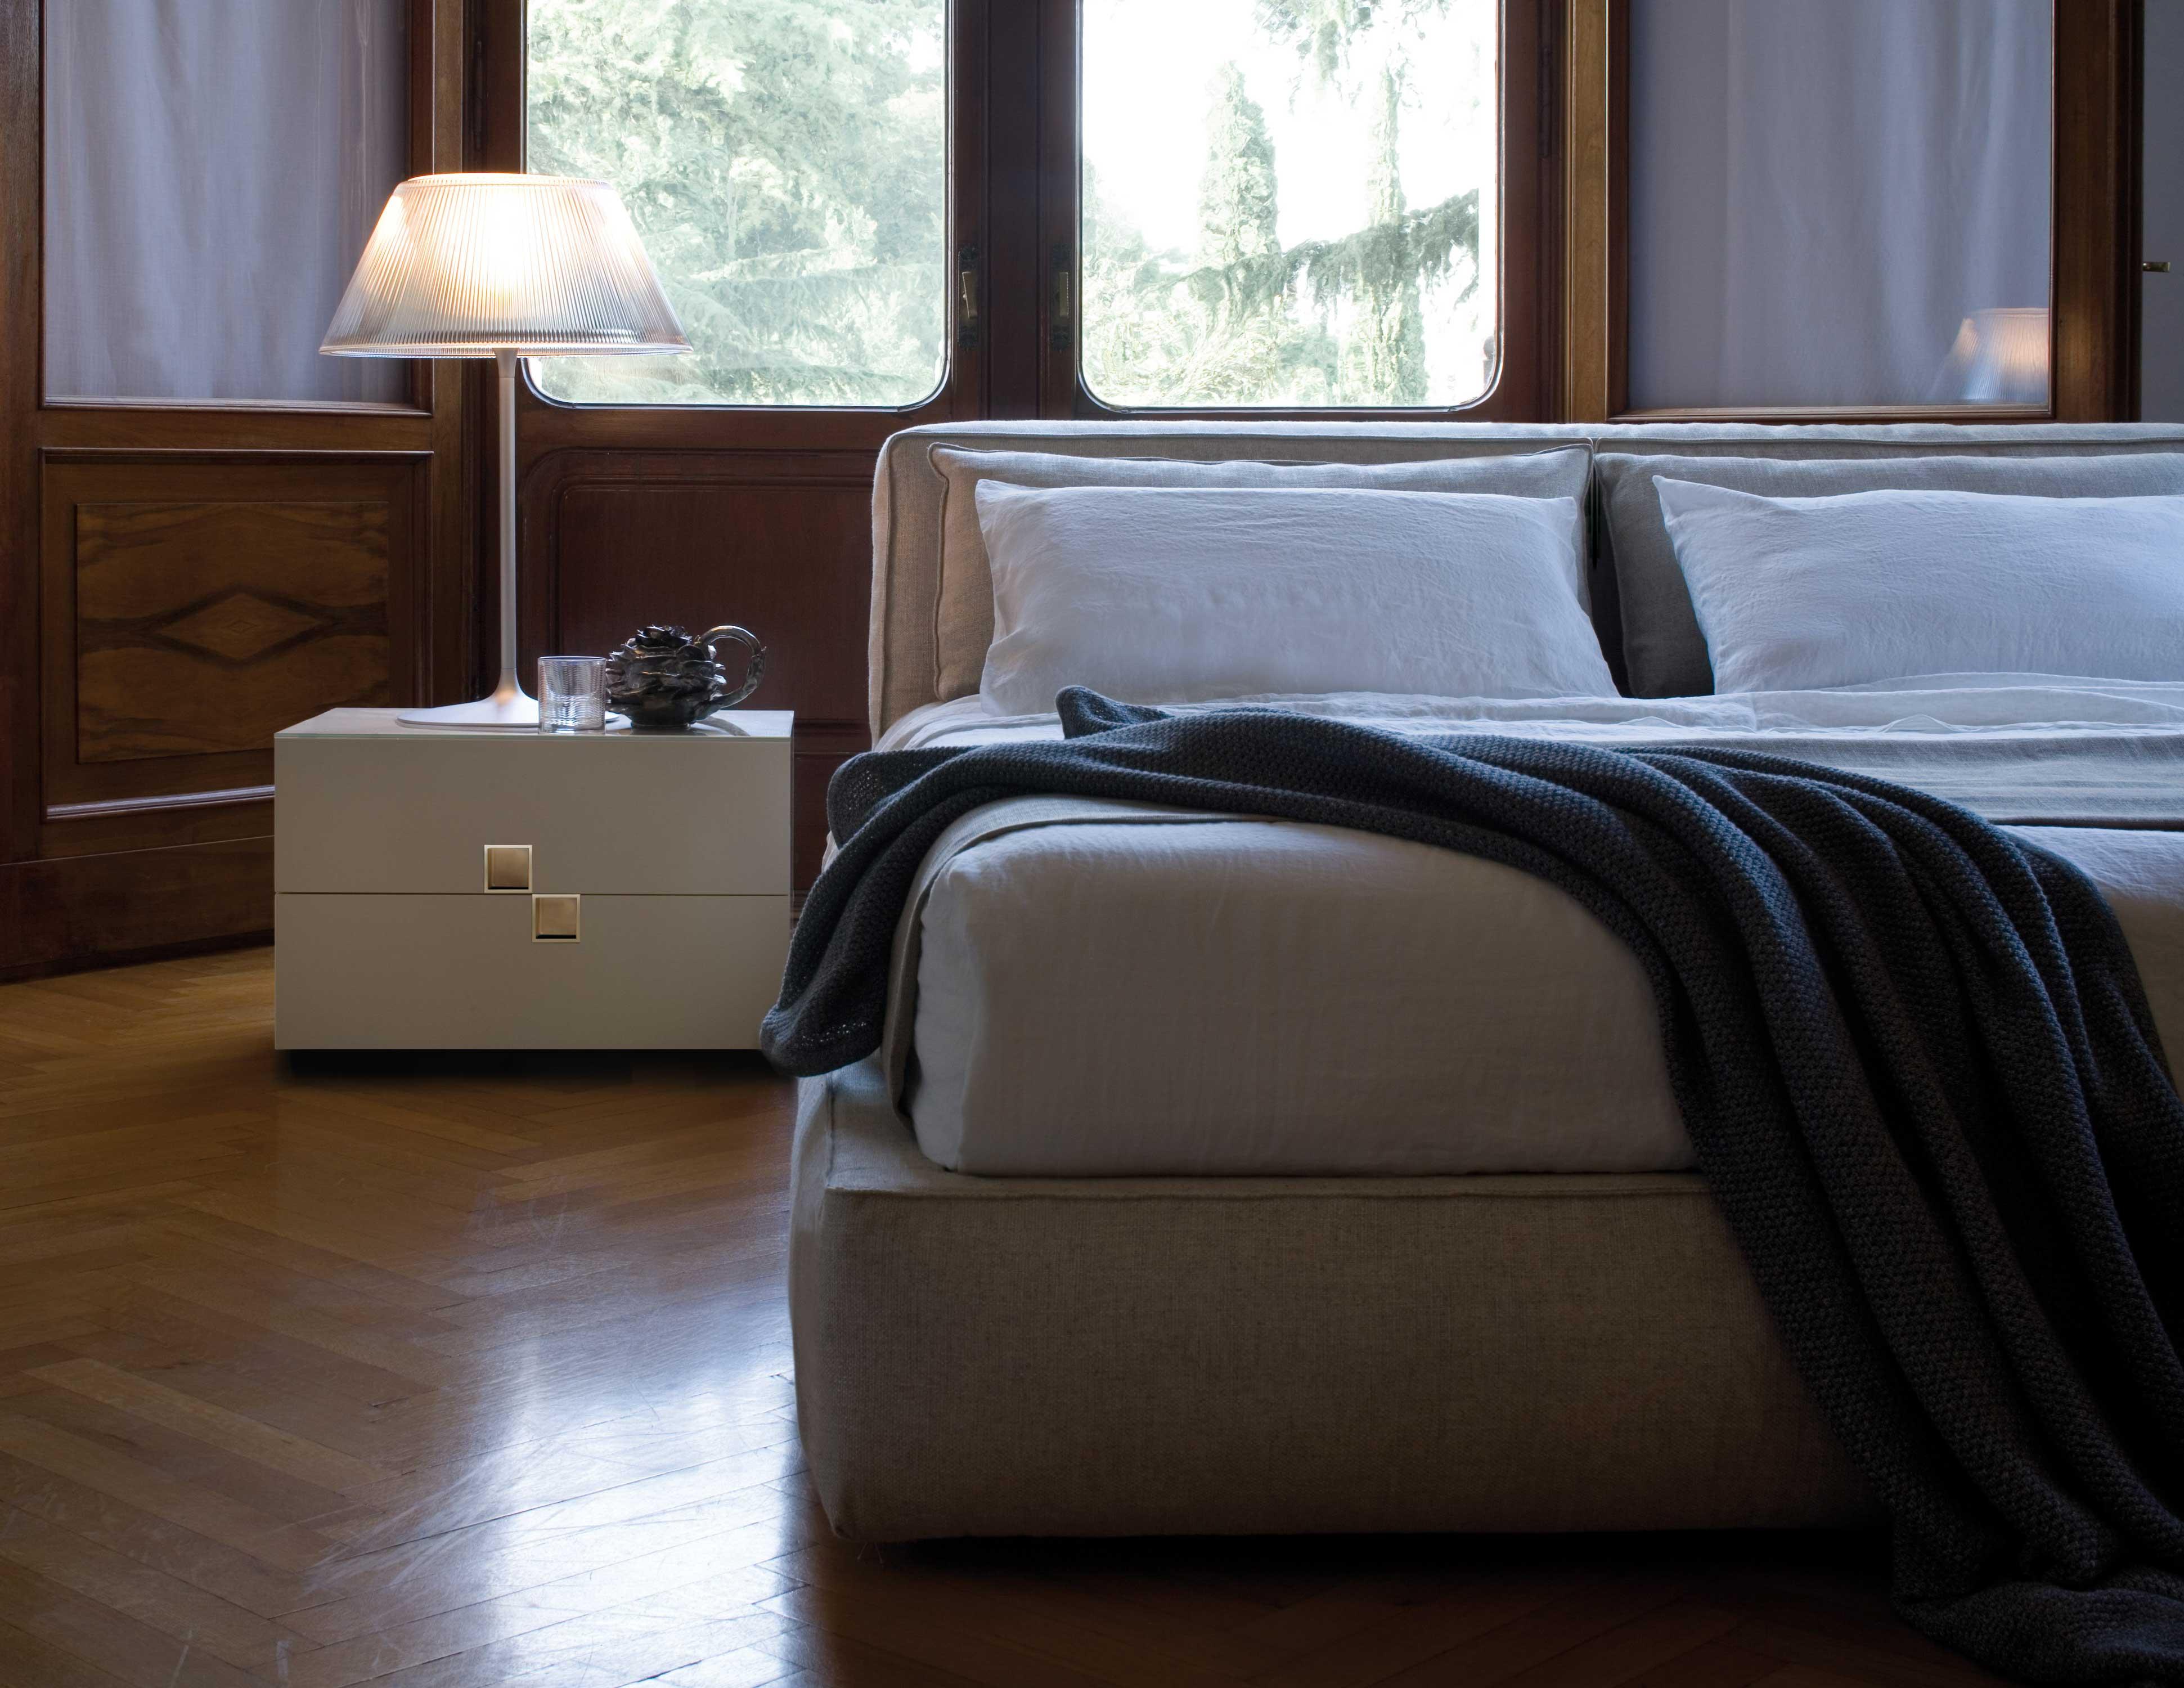 01S_Estel_Le-case-Italiane_Night_Contenitori-Notte_Querini